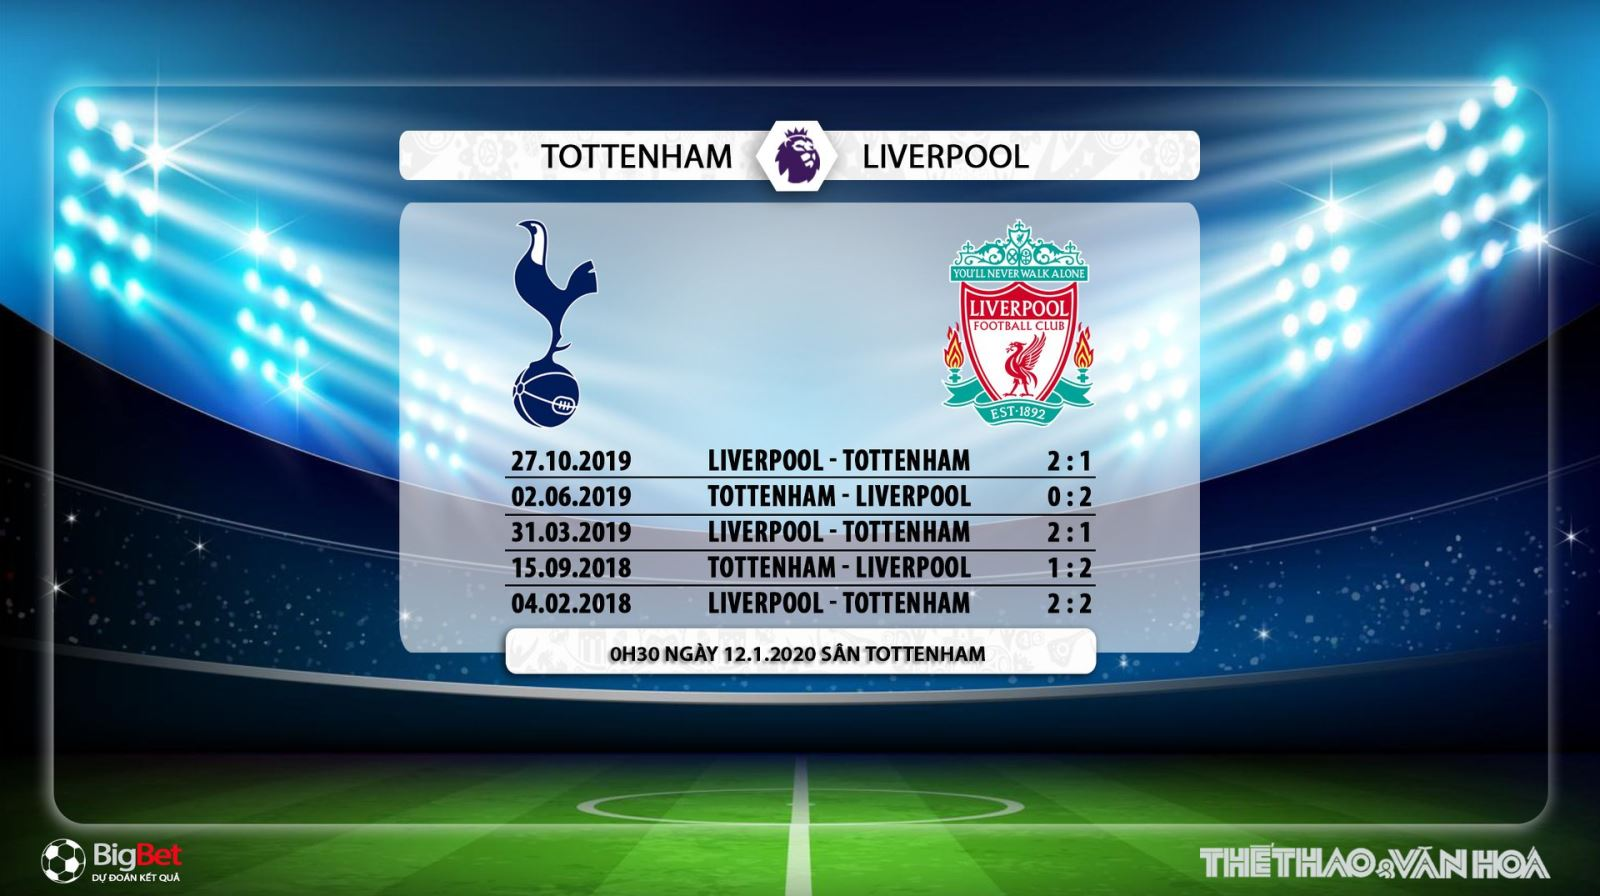 Tottenham vs Liverpool, Tottenham, Liverpool, dự đoán Tottenham vs Liverpool, nhận định Tottenham vs Liverpool, trực tiếp Tottenham vs Liverpool, K+, K+PM, K+PC